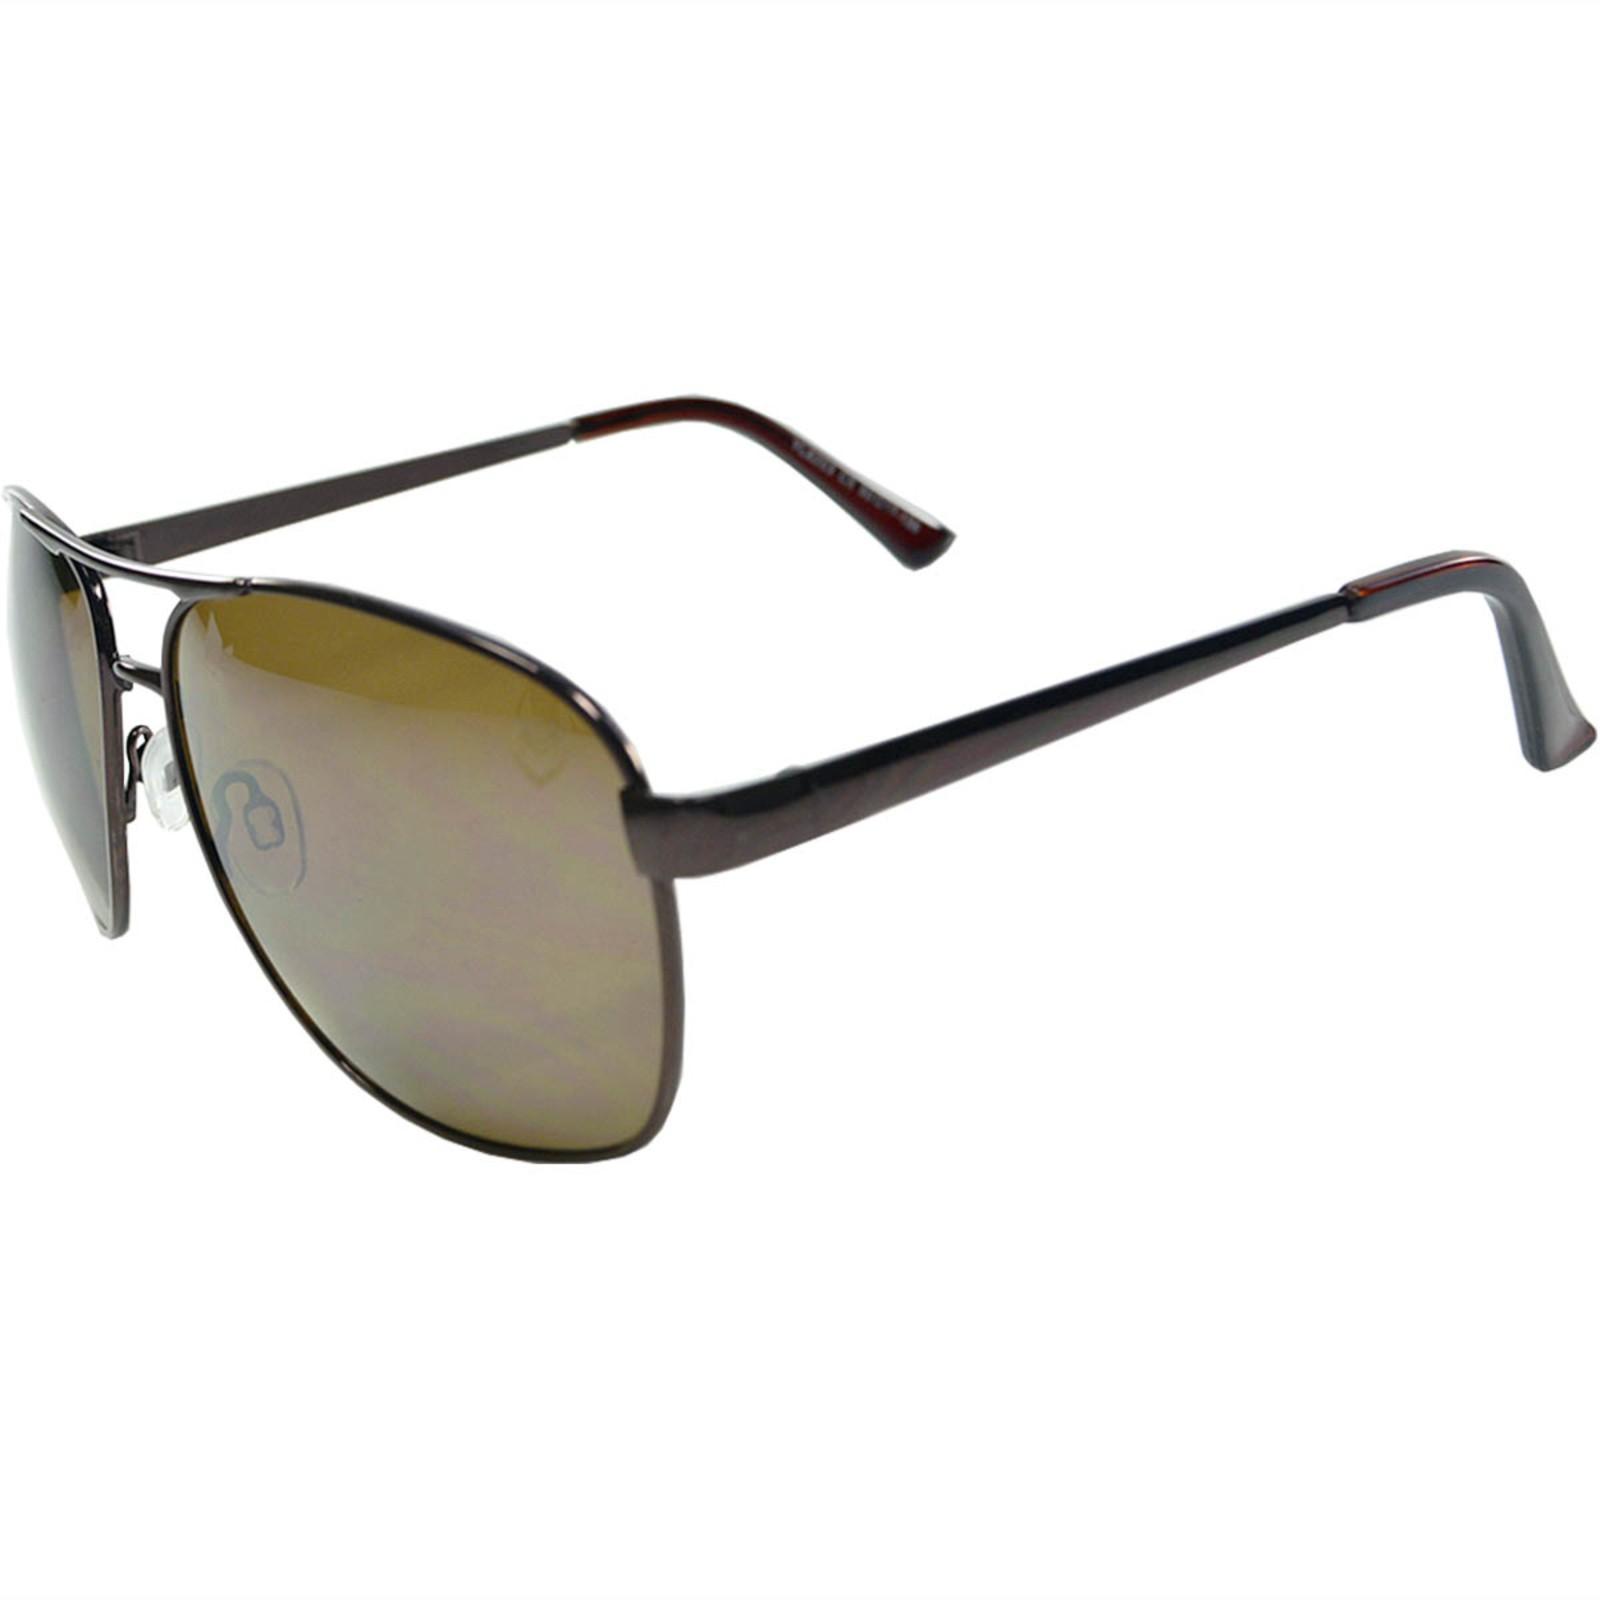 Óculos de Sol Mackage Masculino Metal Aviador - Marrom